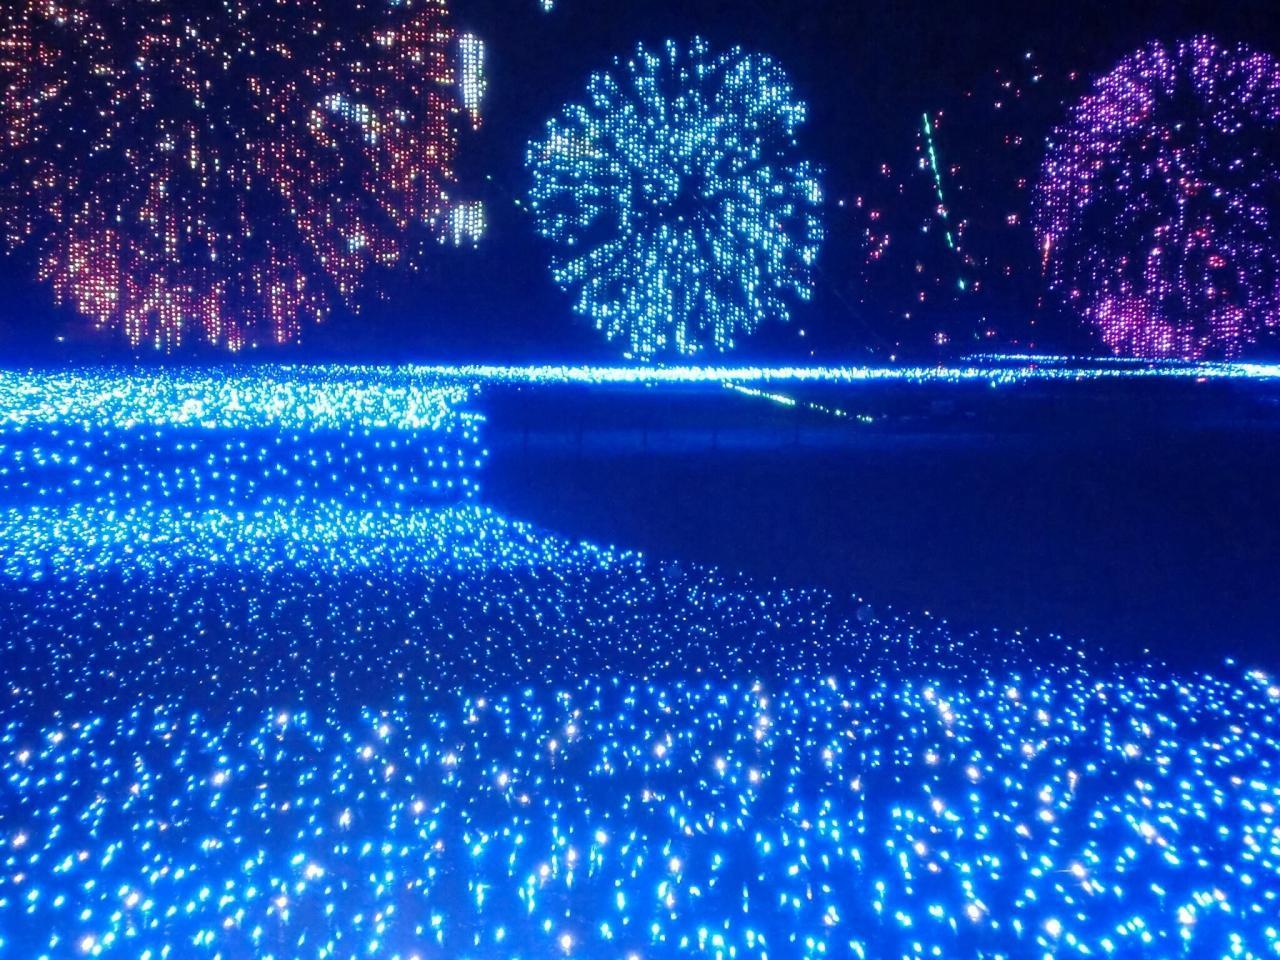 光のアートで都会に四季をかなでる 〜東京ミッドタウン〜